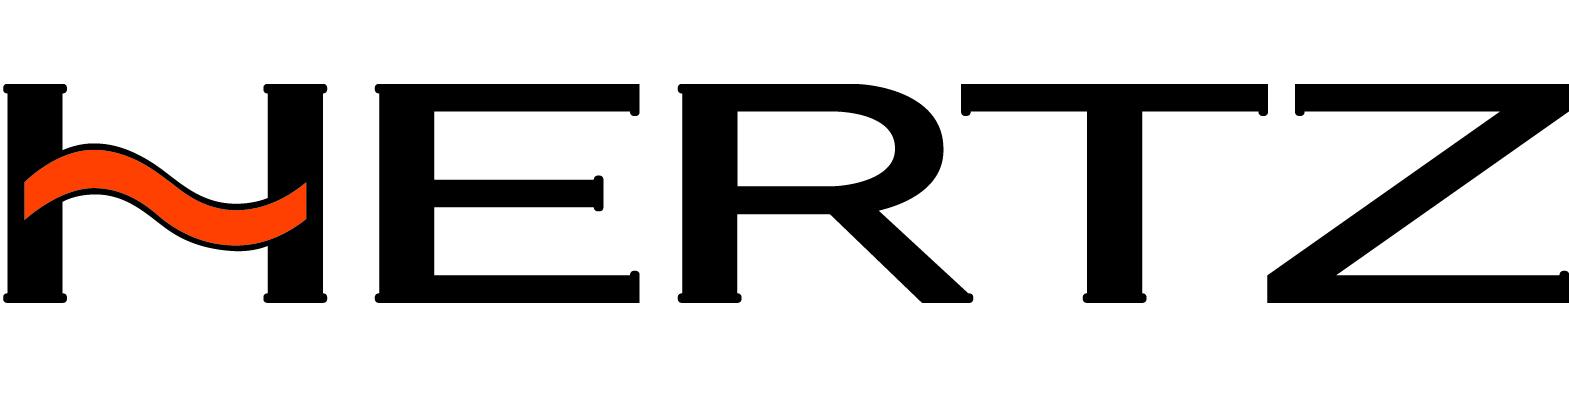 hertz-car-audio-seeklogo.com.jpg